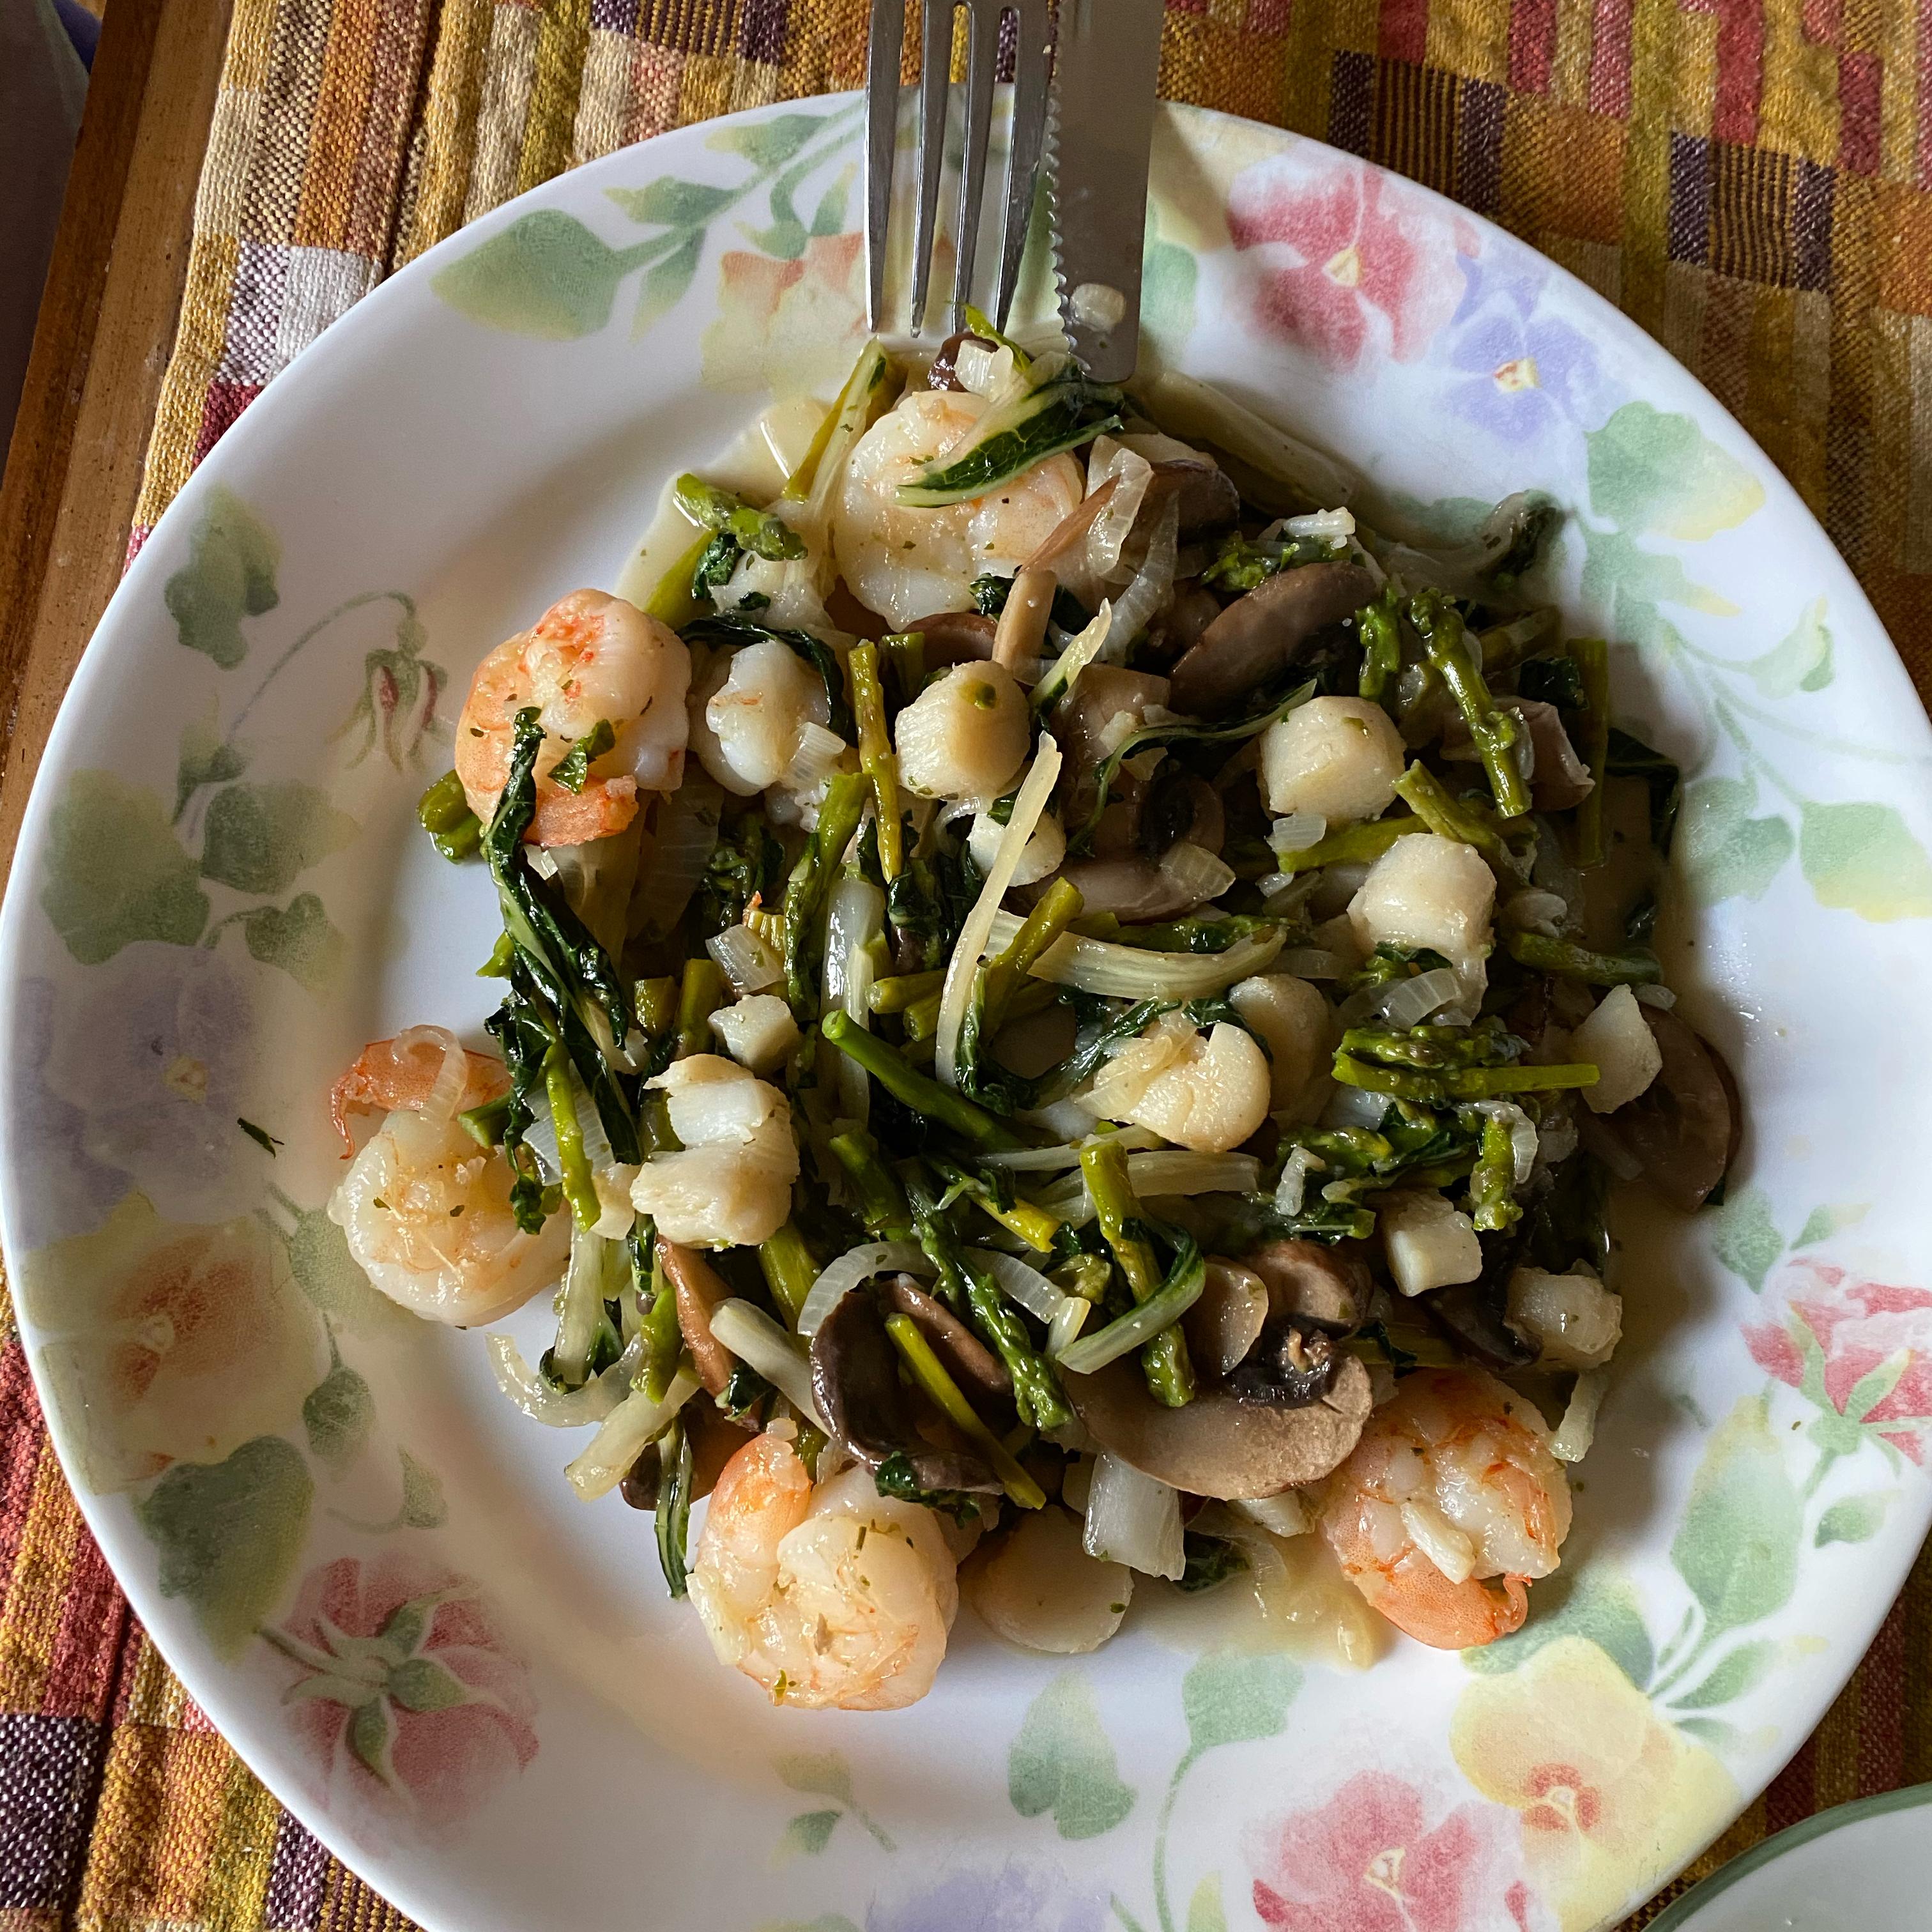 Shrimp and Scallop Stir-Fry